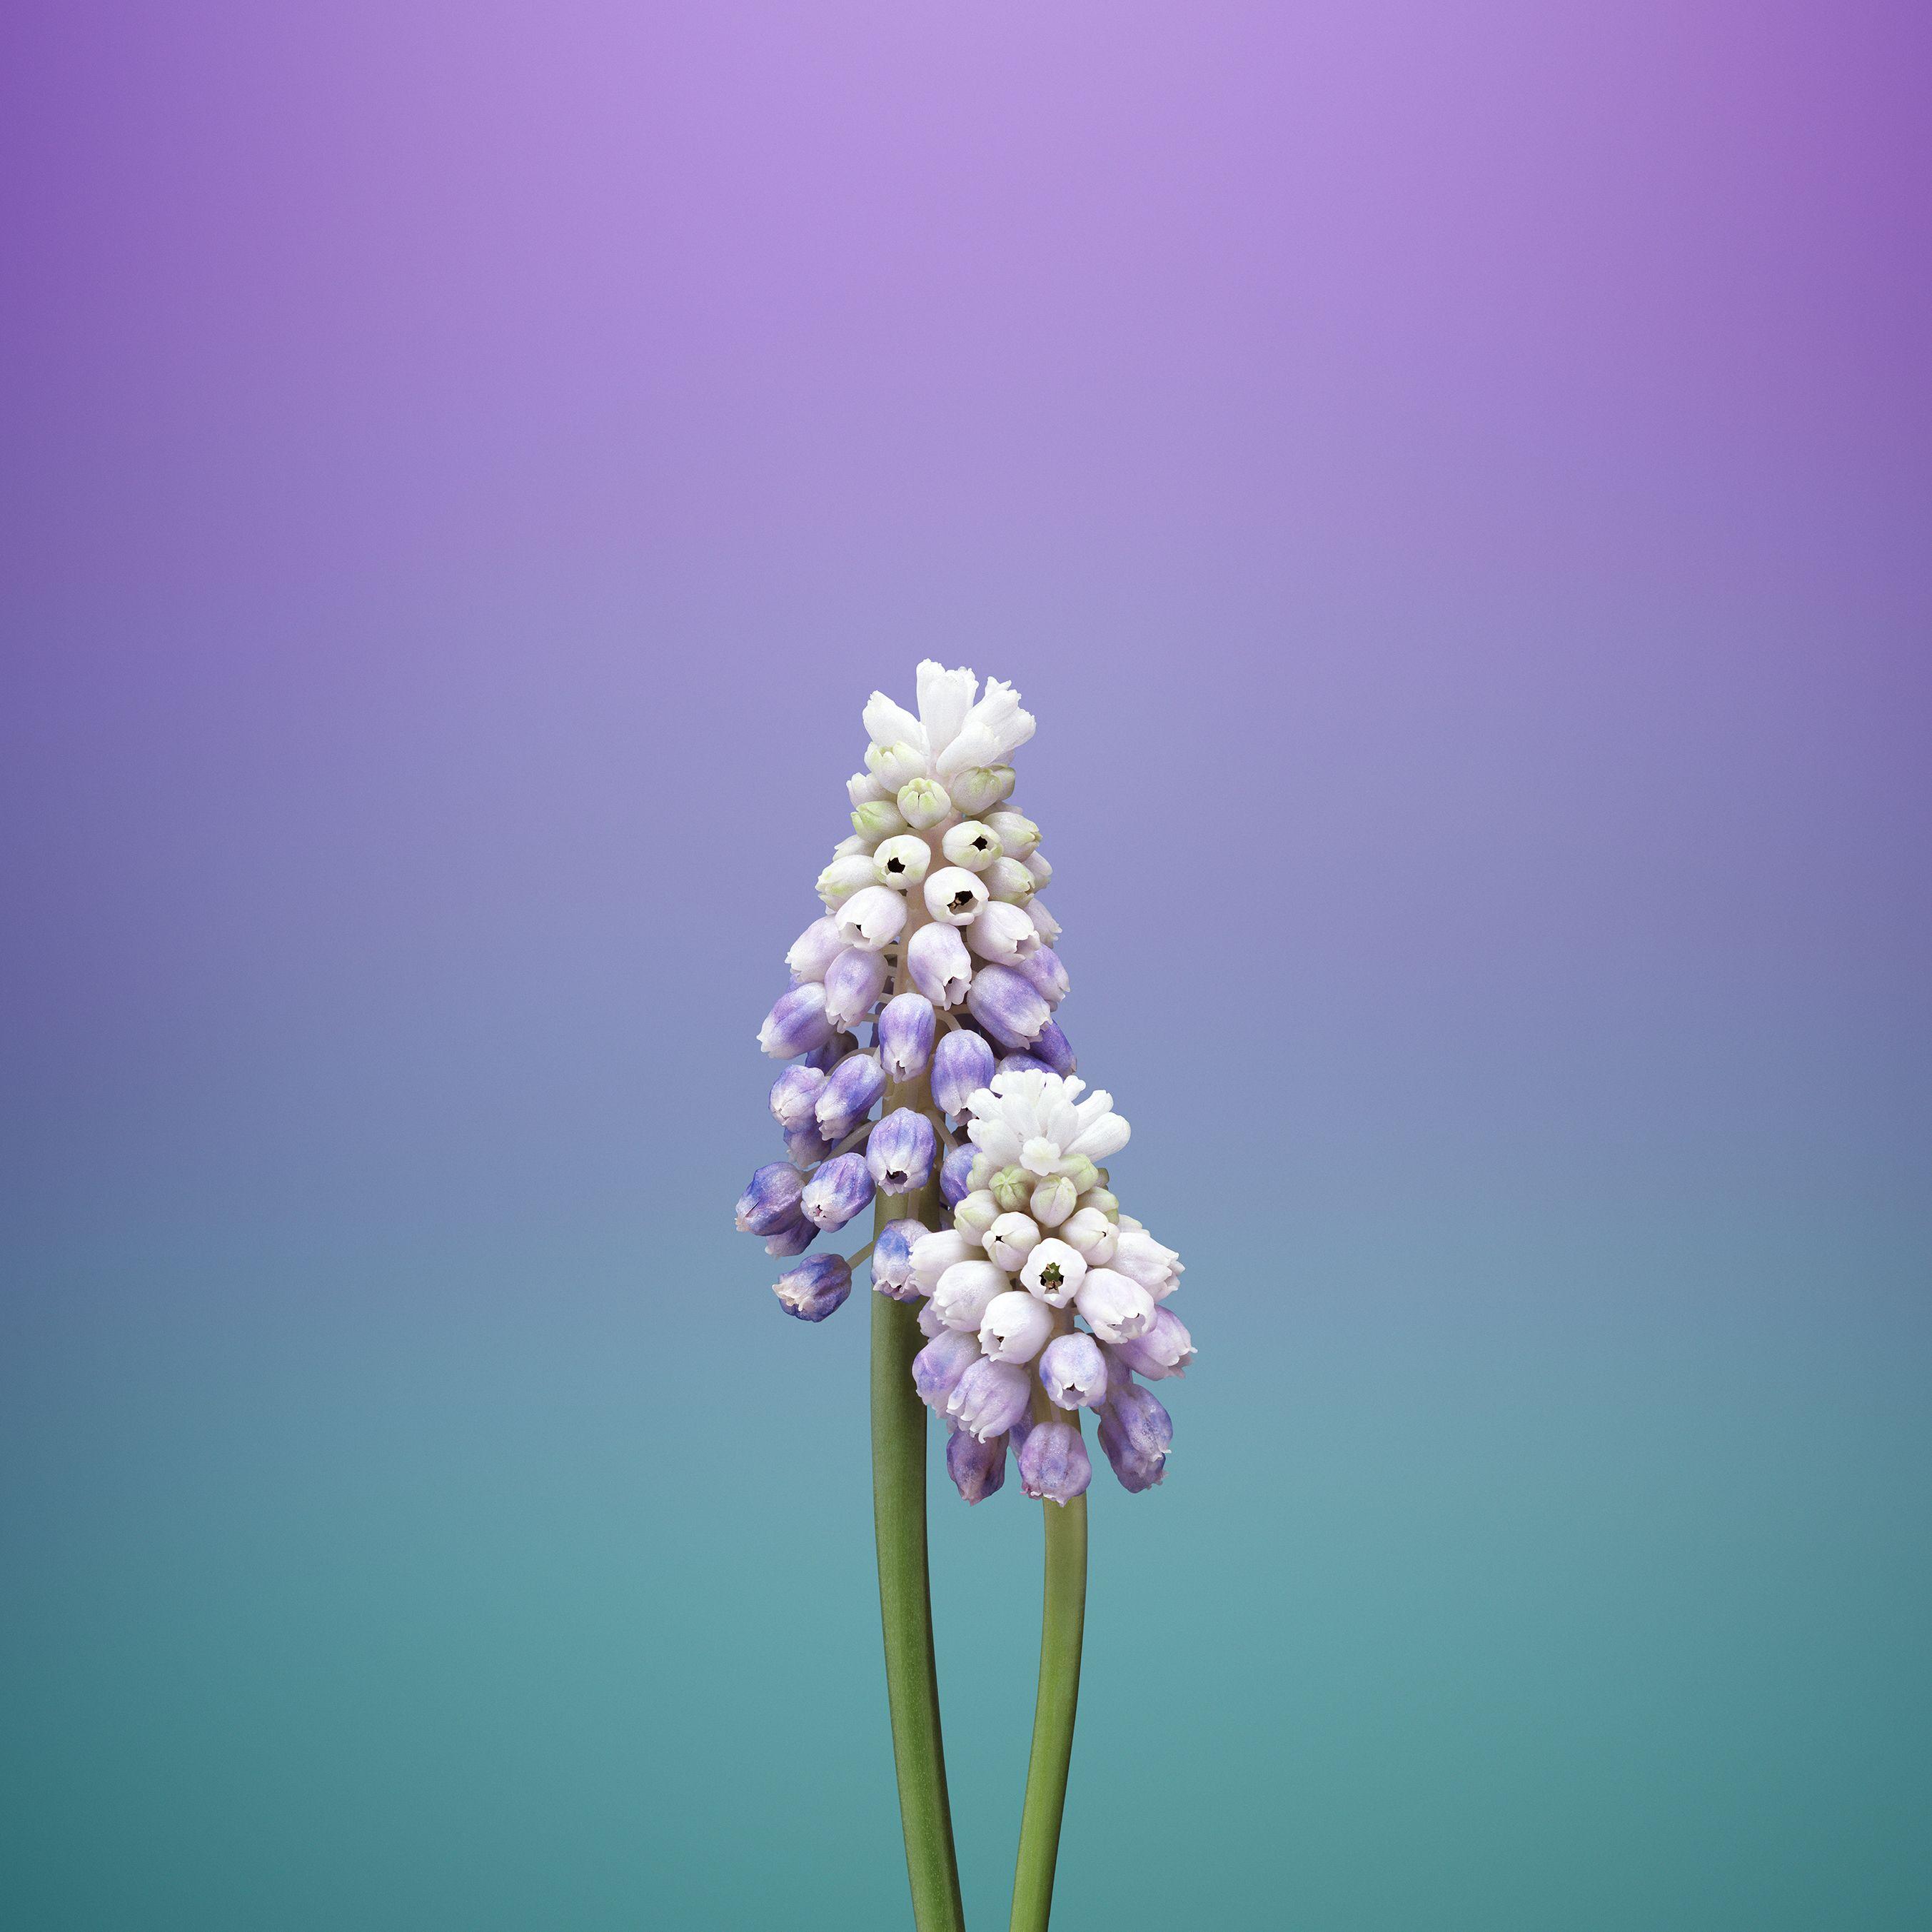 iPhone_wallpaper_flower